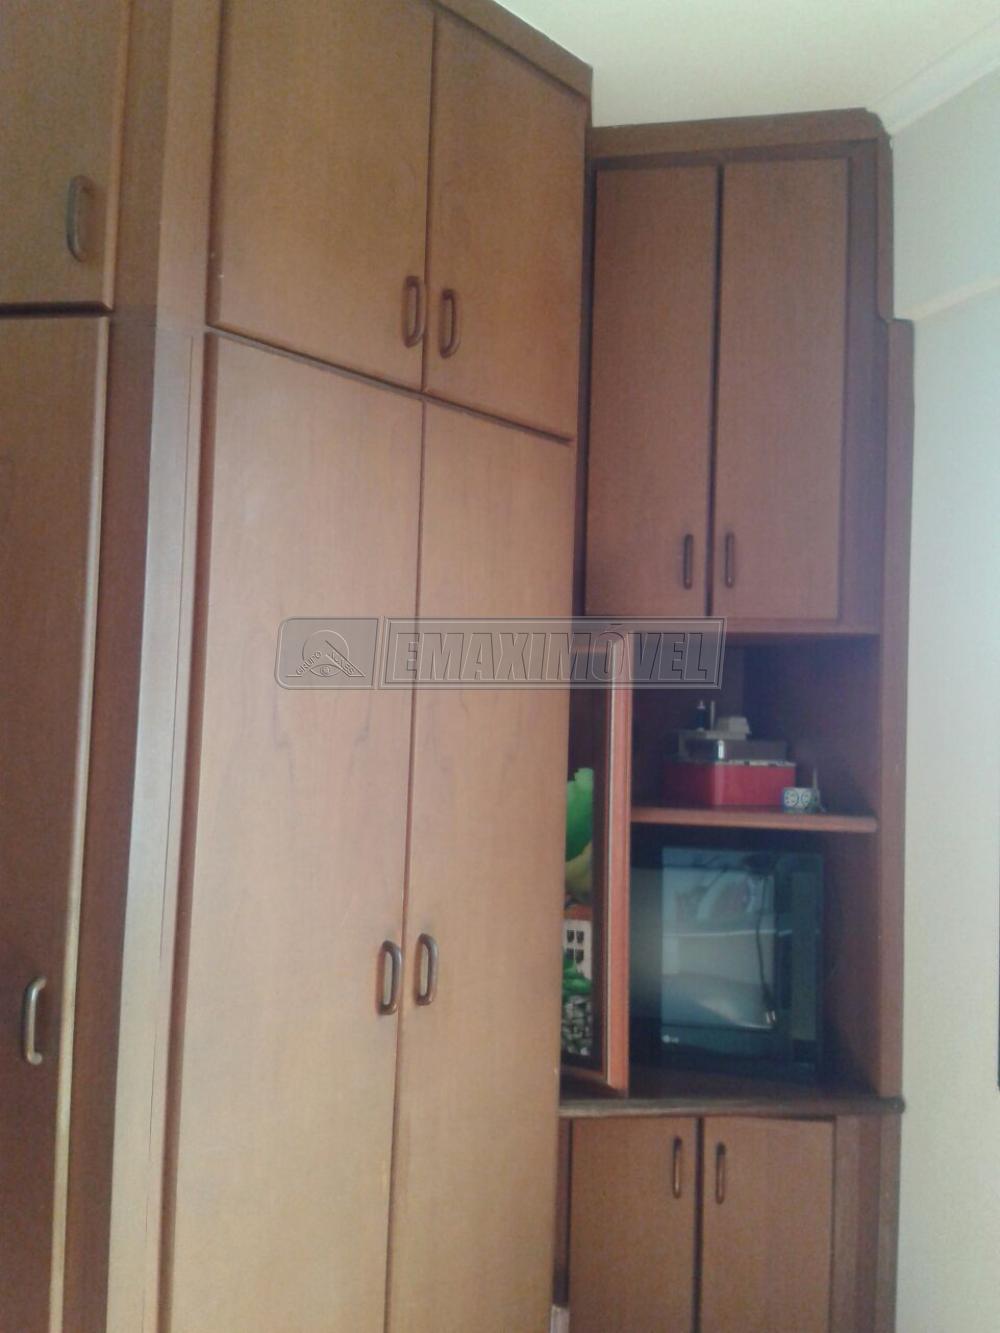 Comprar Apartamentos / Apto Padrão em Sorocaba apenas R$ 650.000,00 - Foto 23